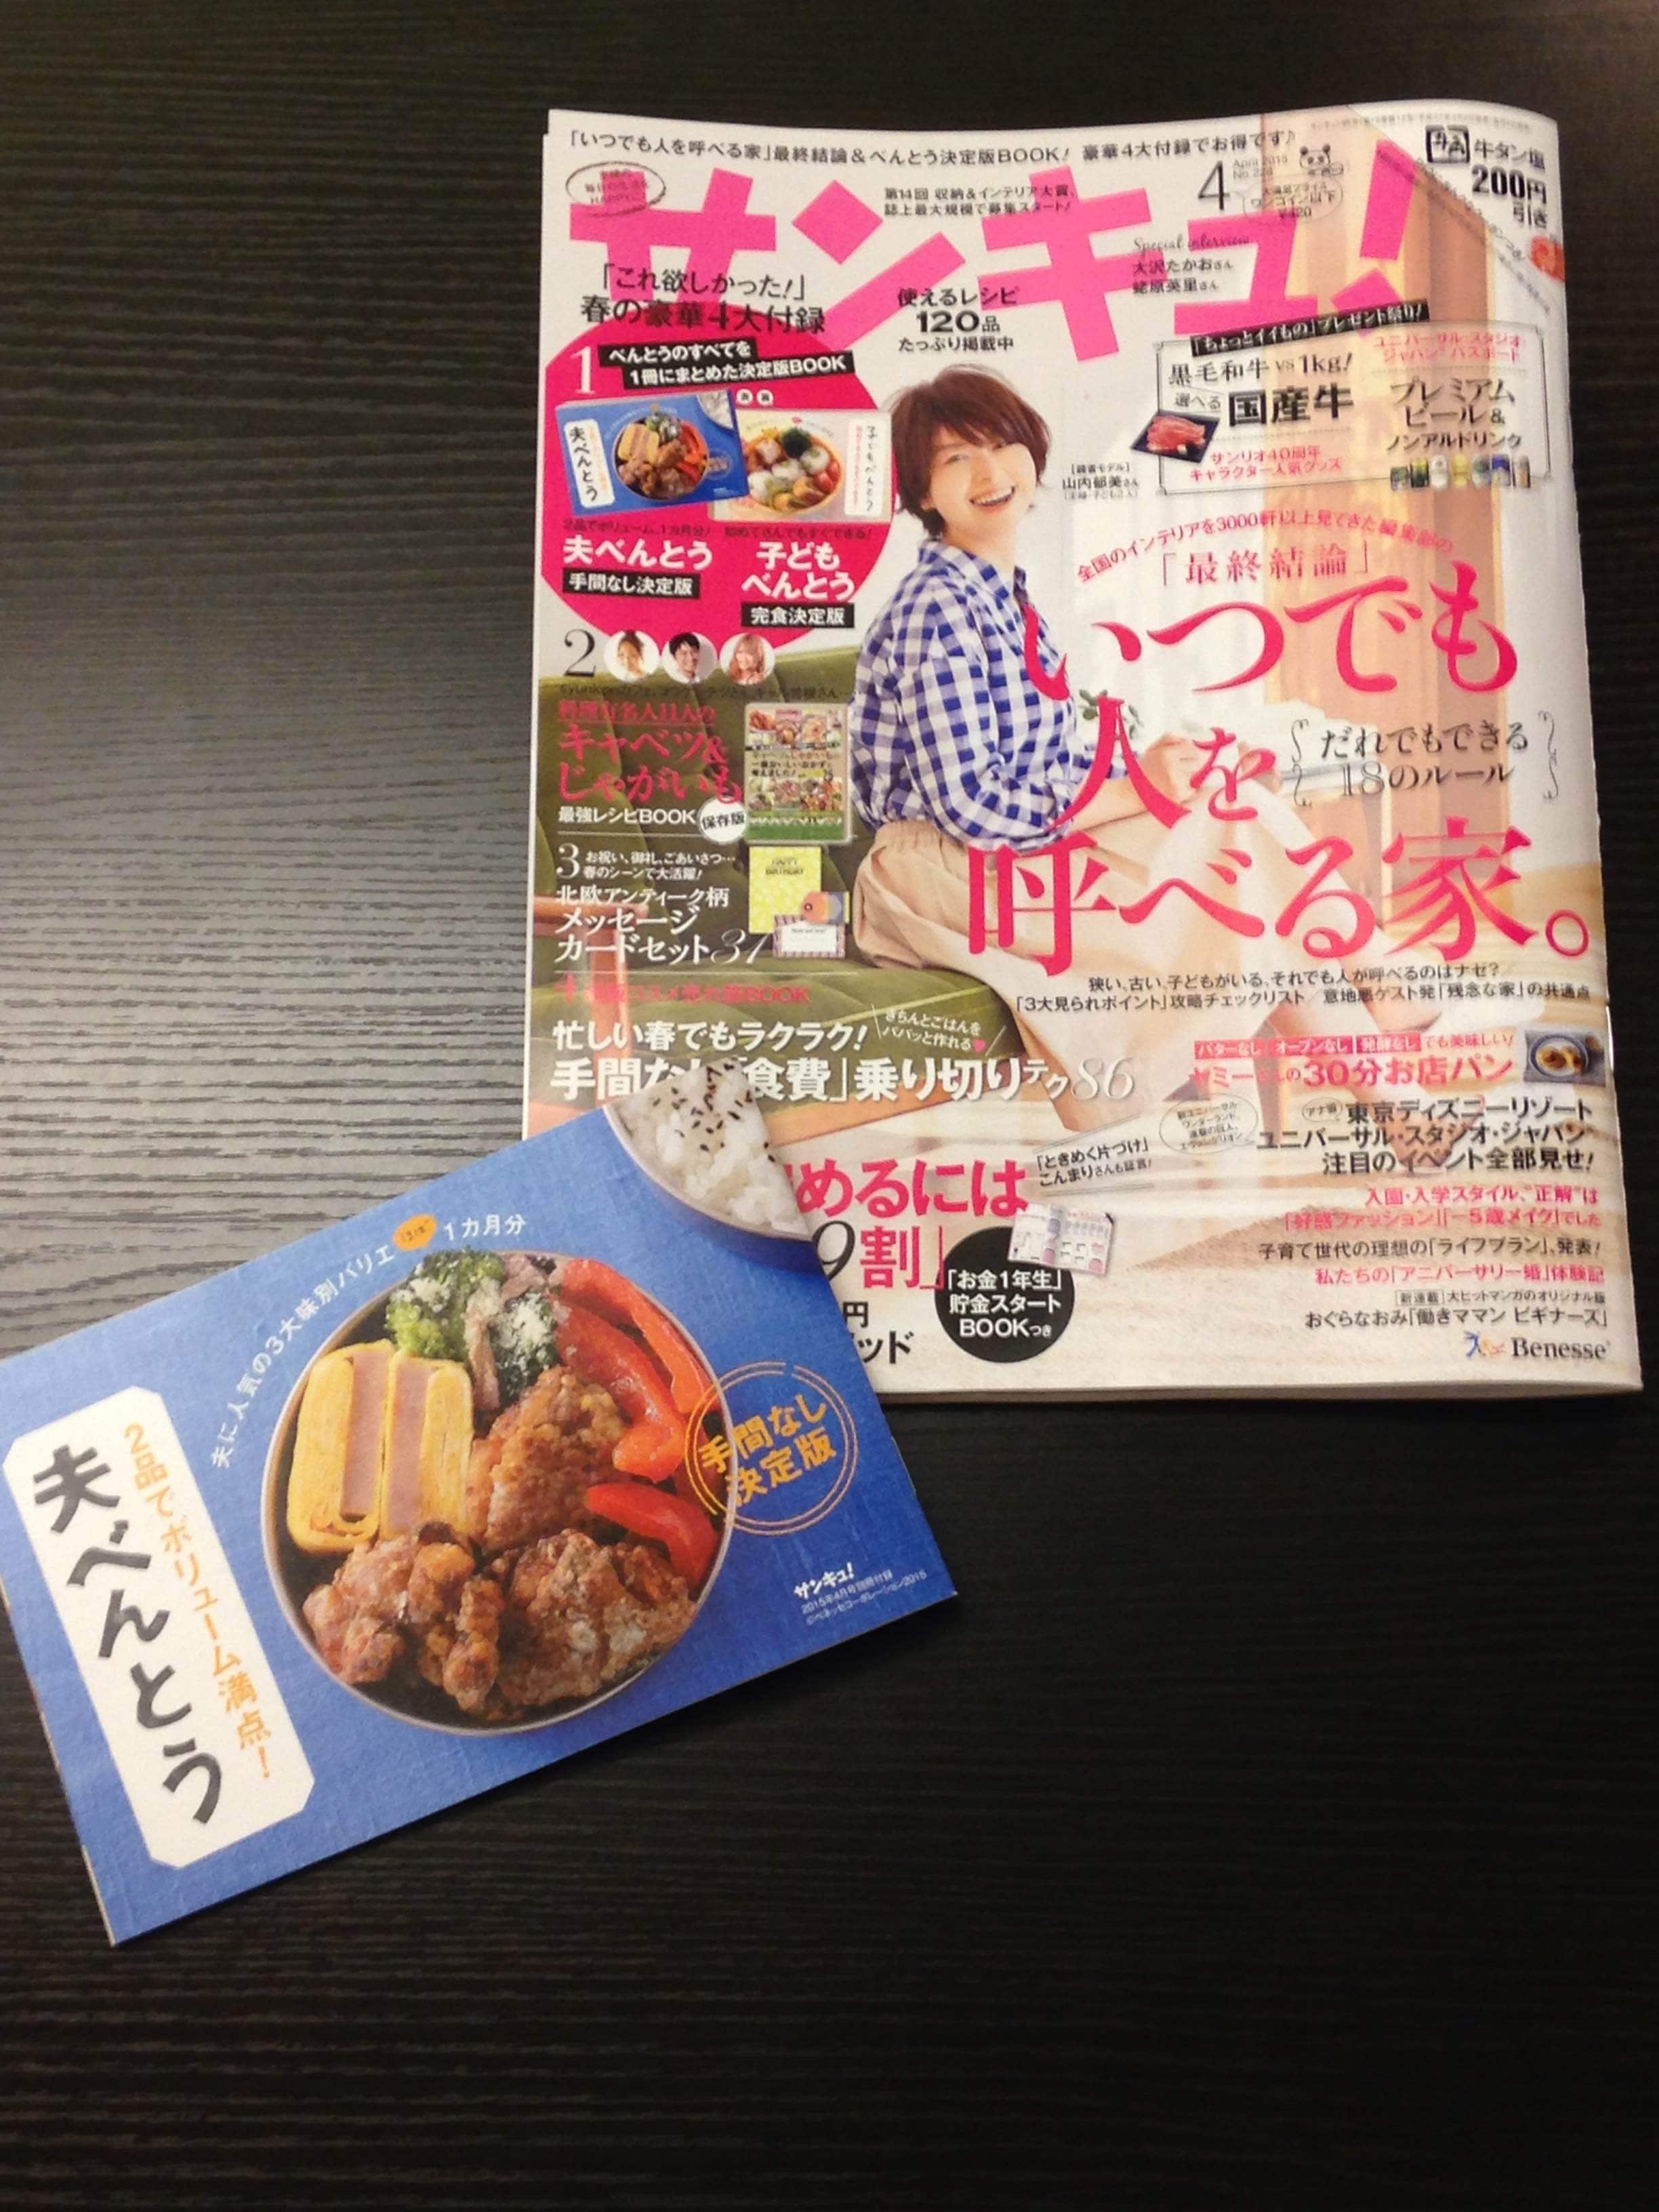 ヤミー:ベネッセコーポレーション様『サンキュ4月号(3/2発売)』の取材を受けました!